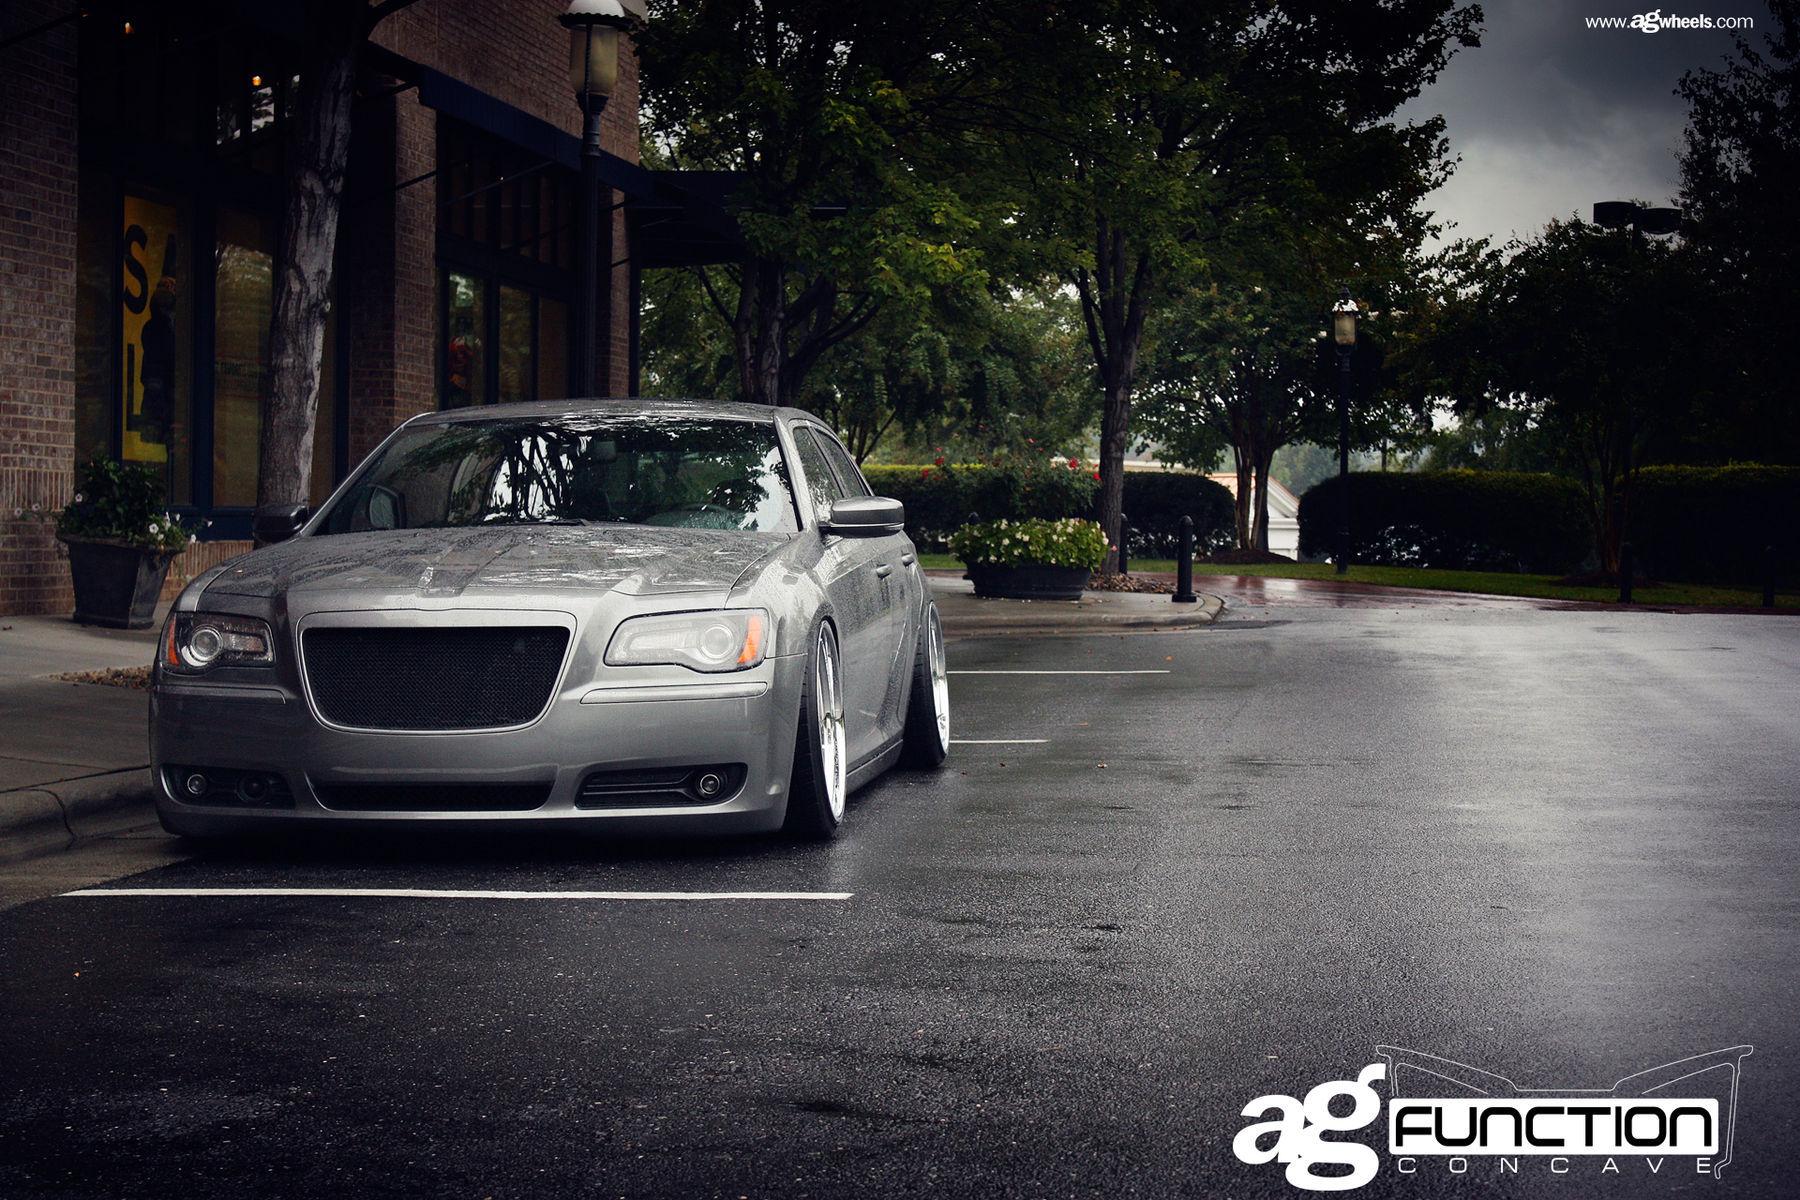 Chrysler 300 | Chrysler 300 S